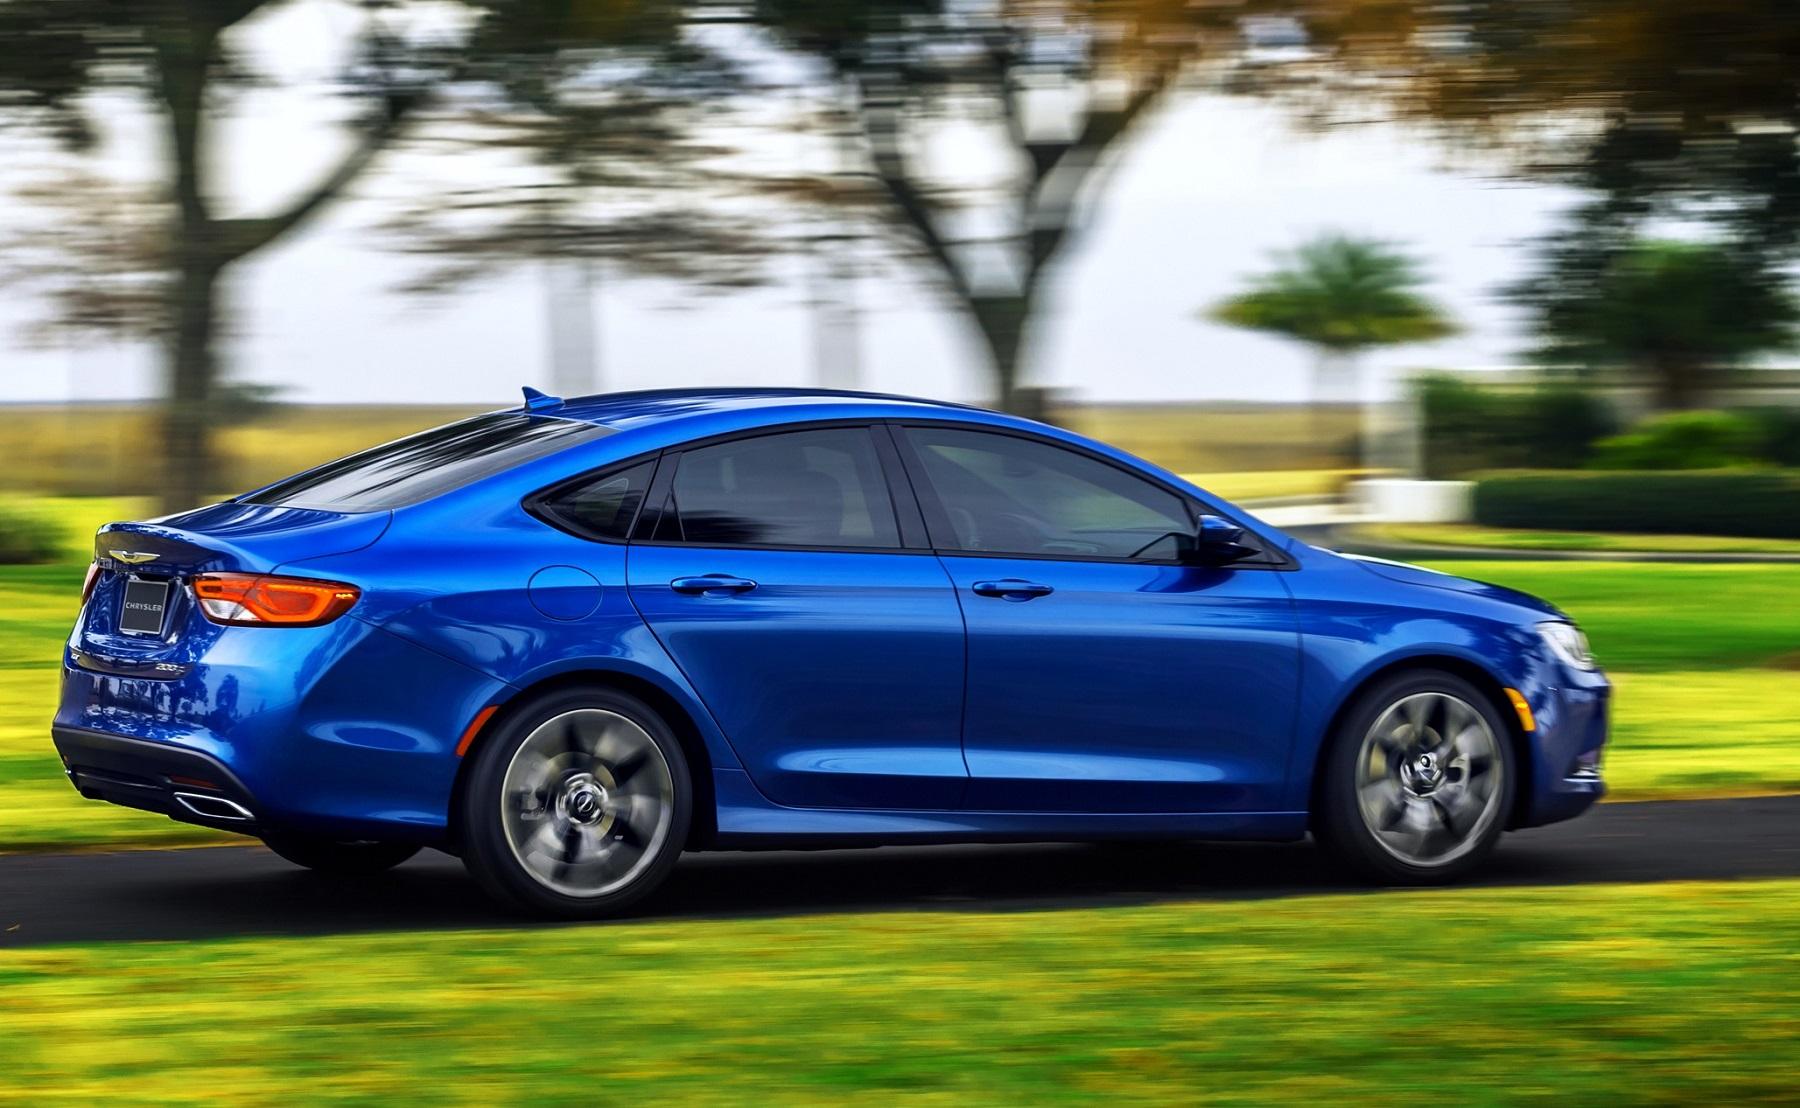 chrysler 200 sedan new car release information. Black Bedroom Furniture Sets. Home Design Ideas